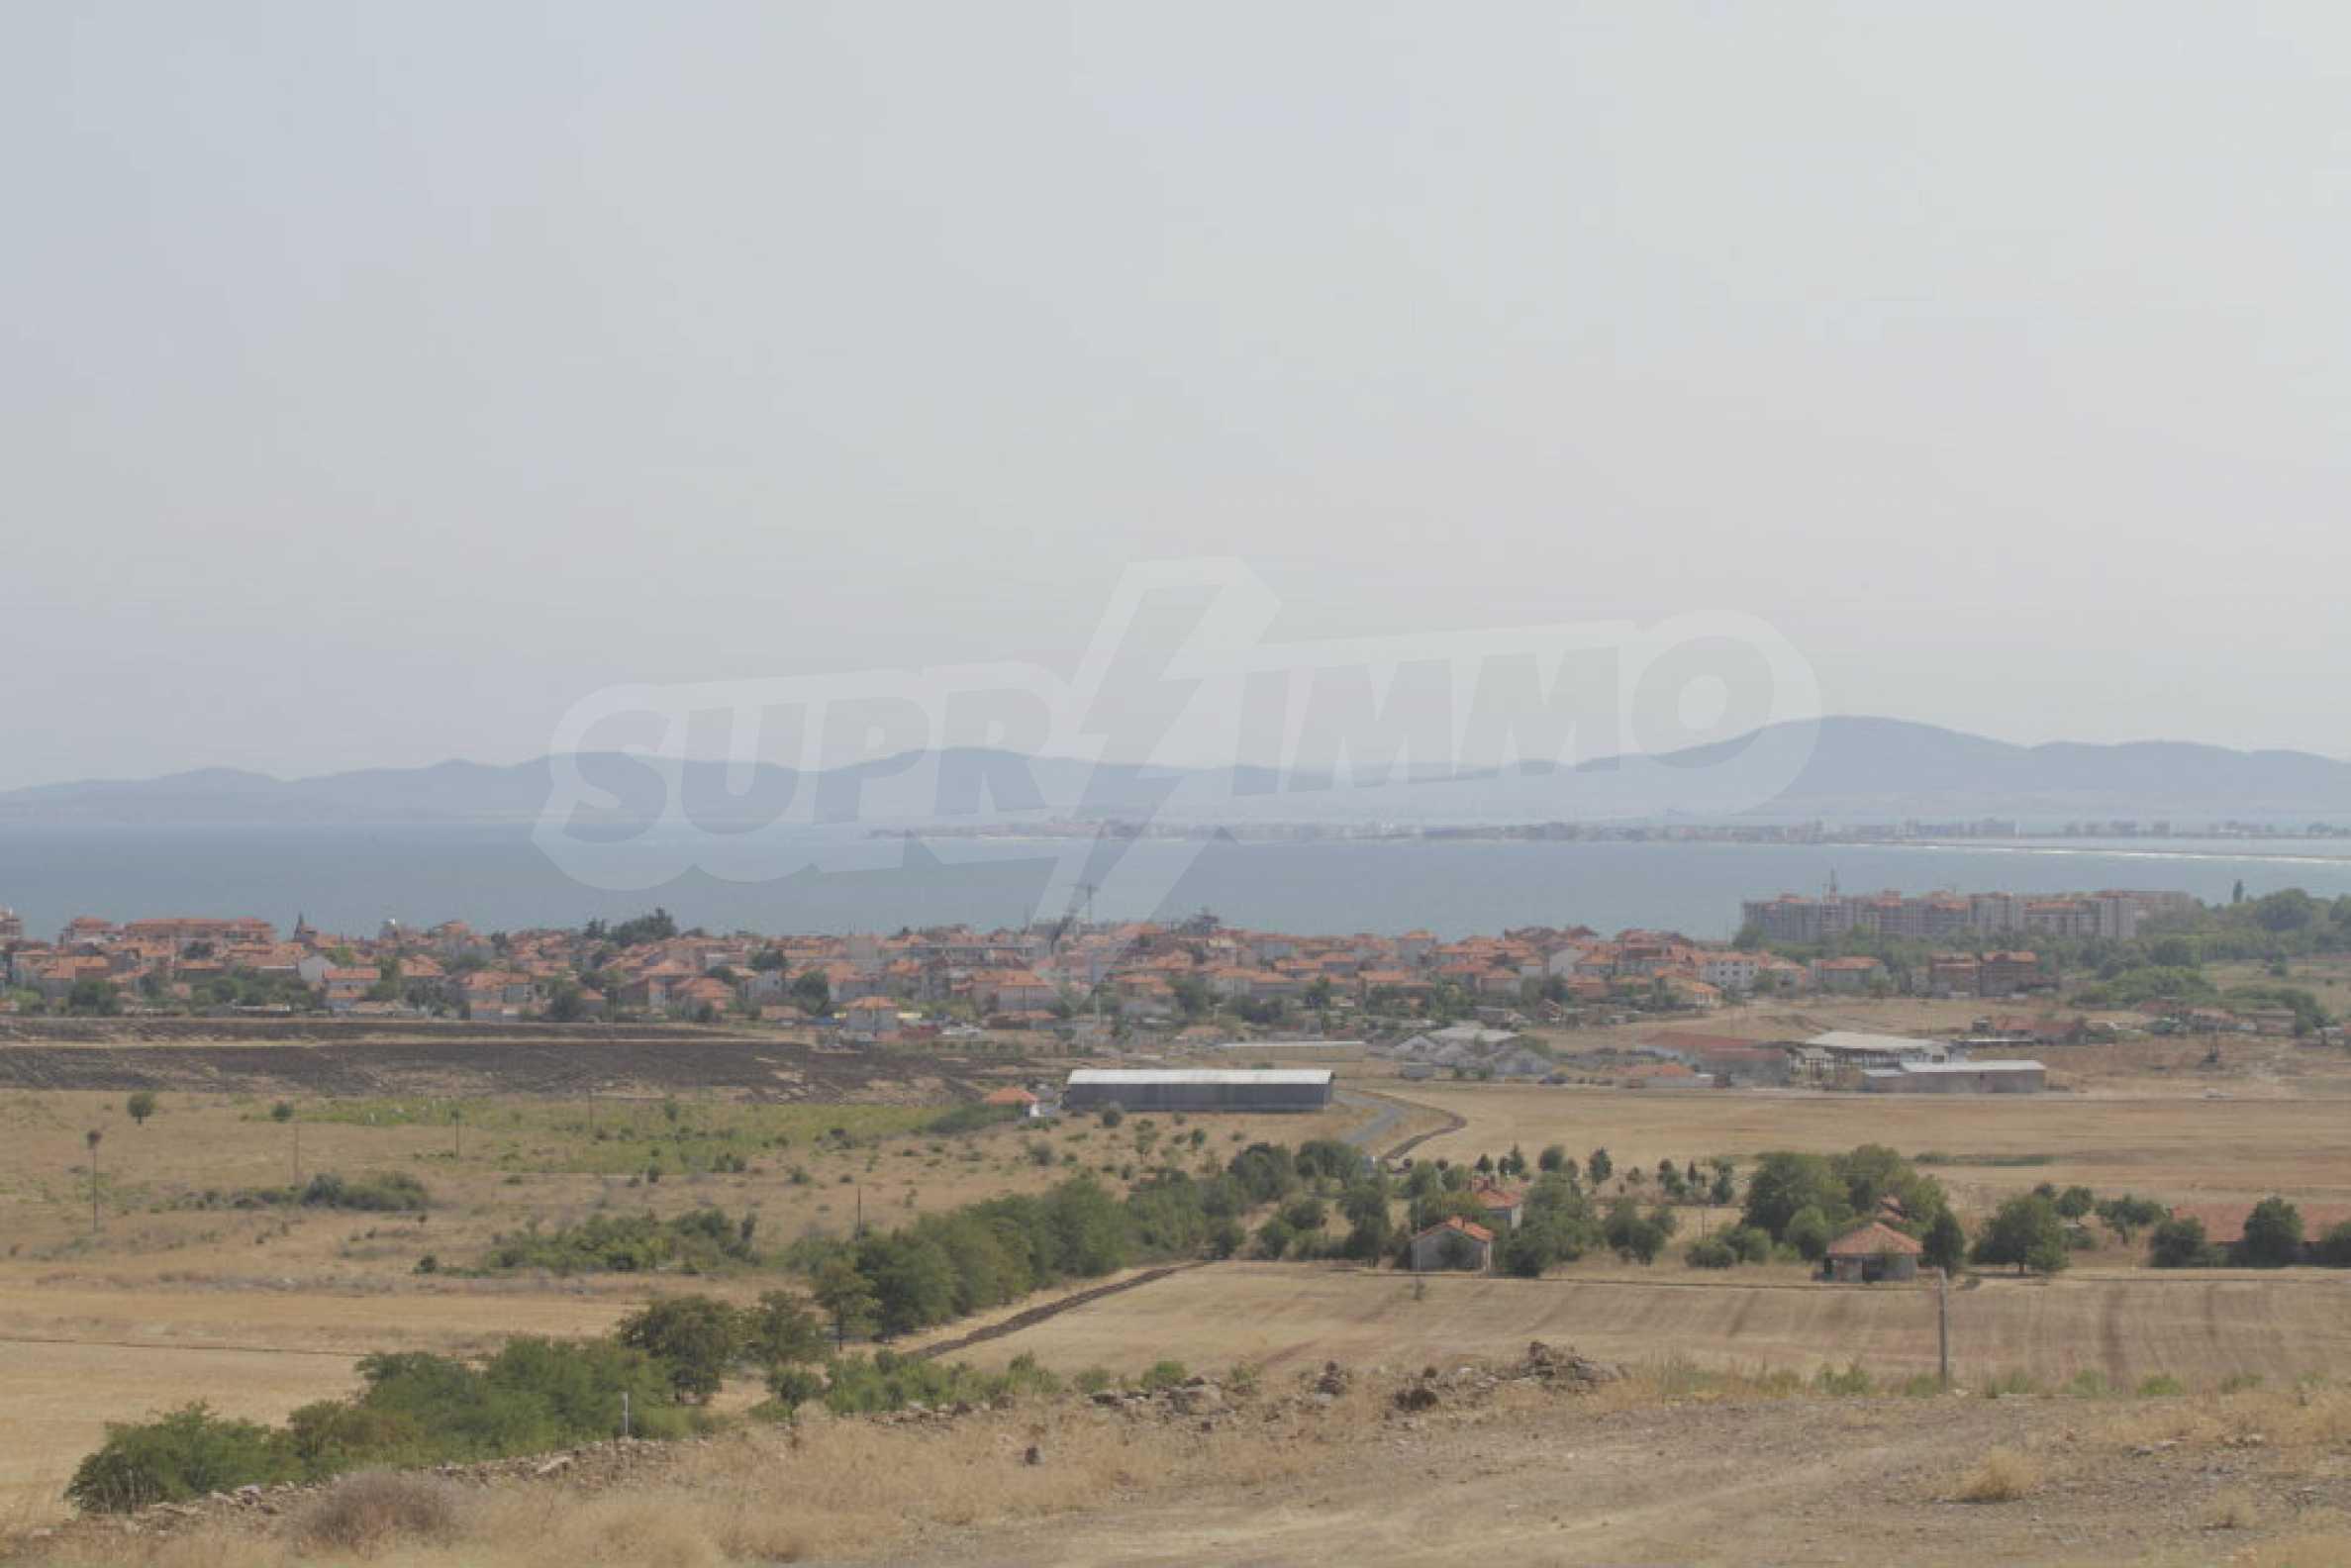 Attraktives Grundstück für Investieren in der Nähe des historischen Komplexes Aheloy 917 und Sonnenstrand, bei Tankowo und Aheloy 15